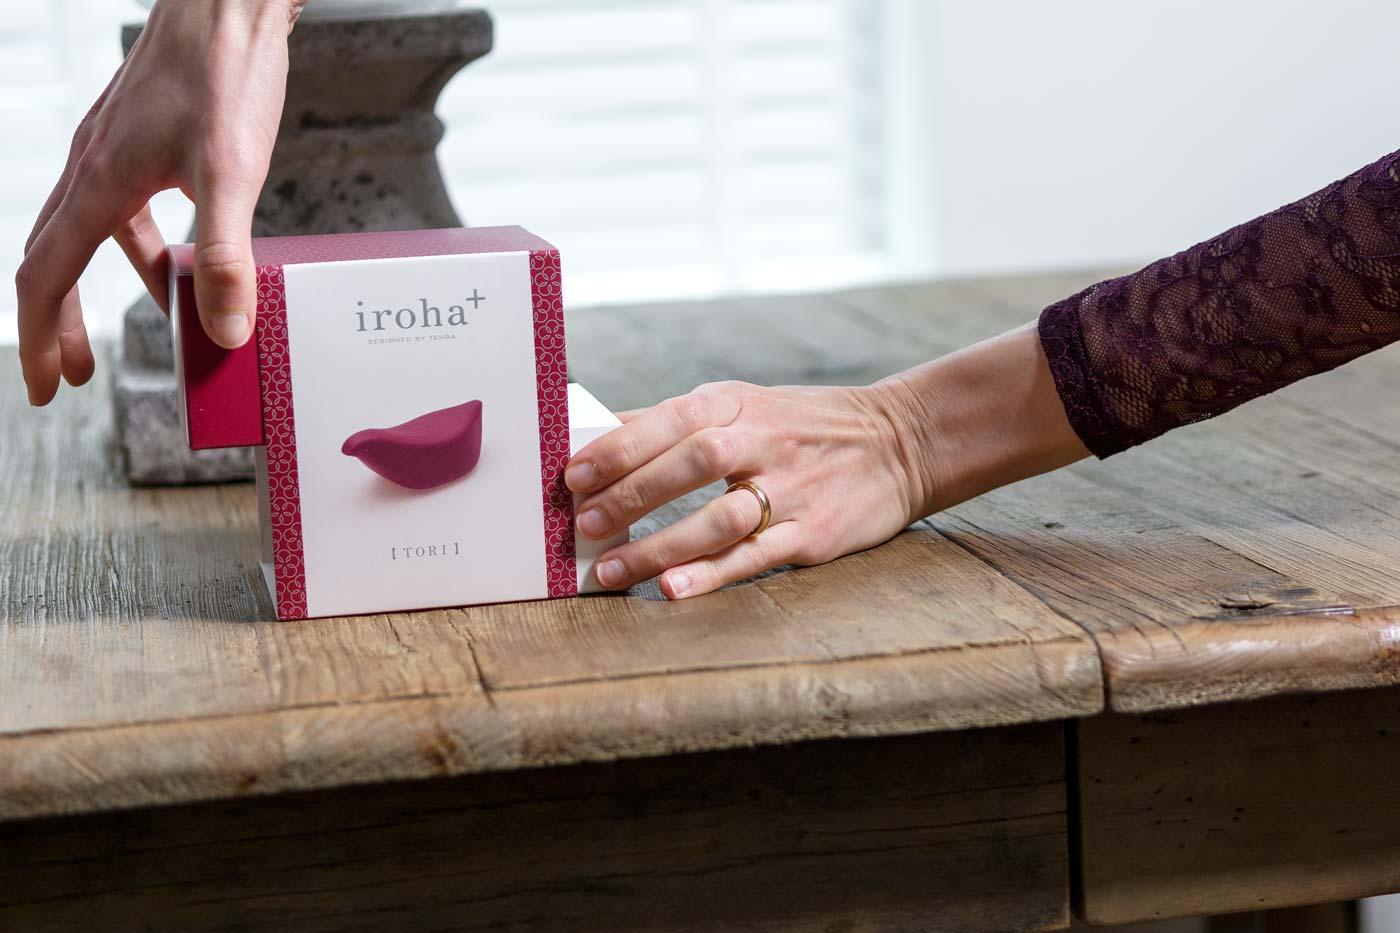 confezione Iroha+ Tori sex toy